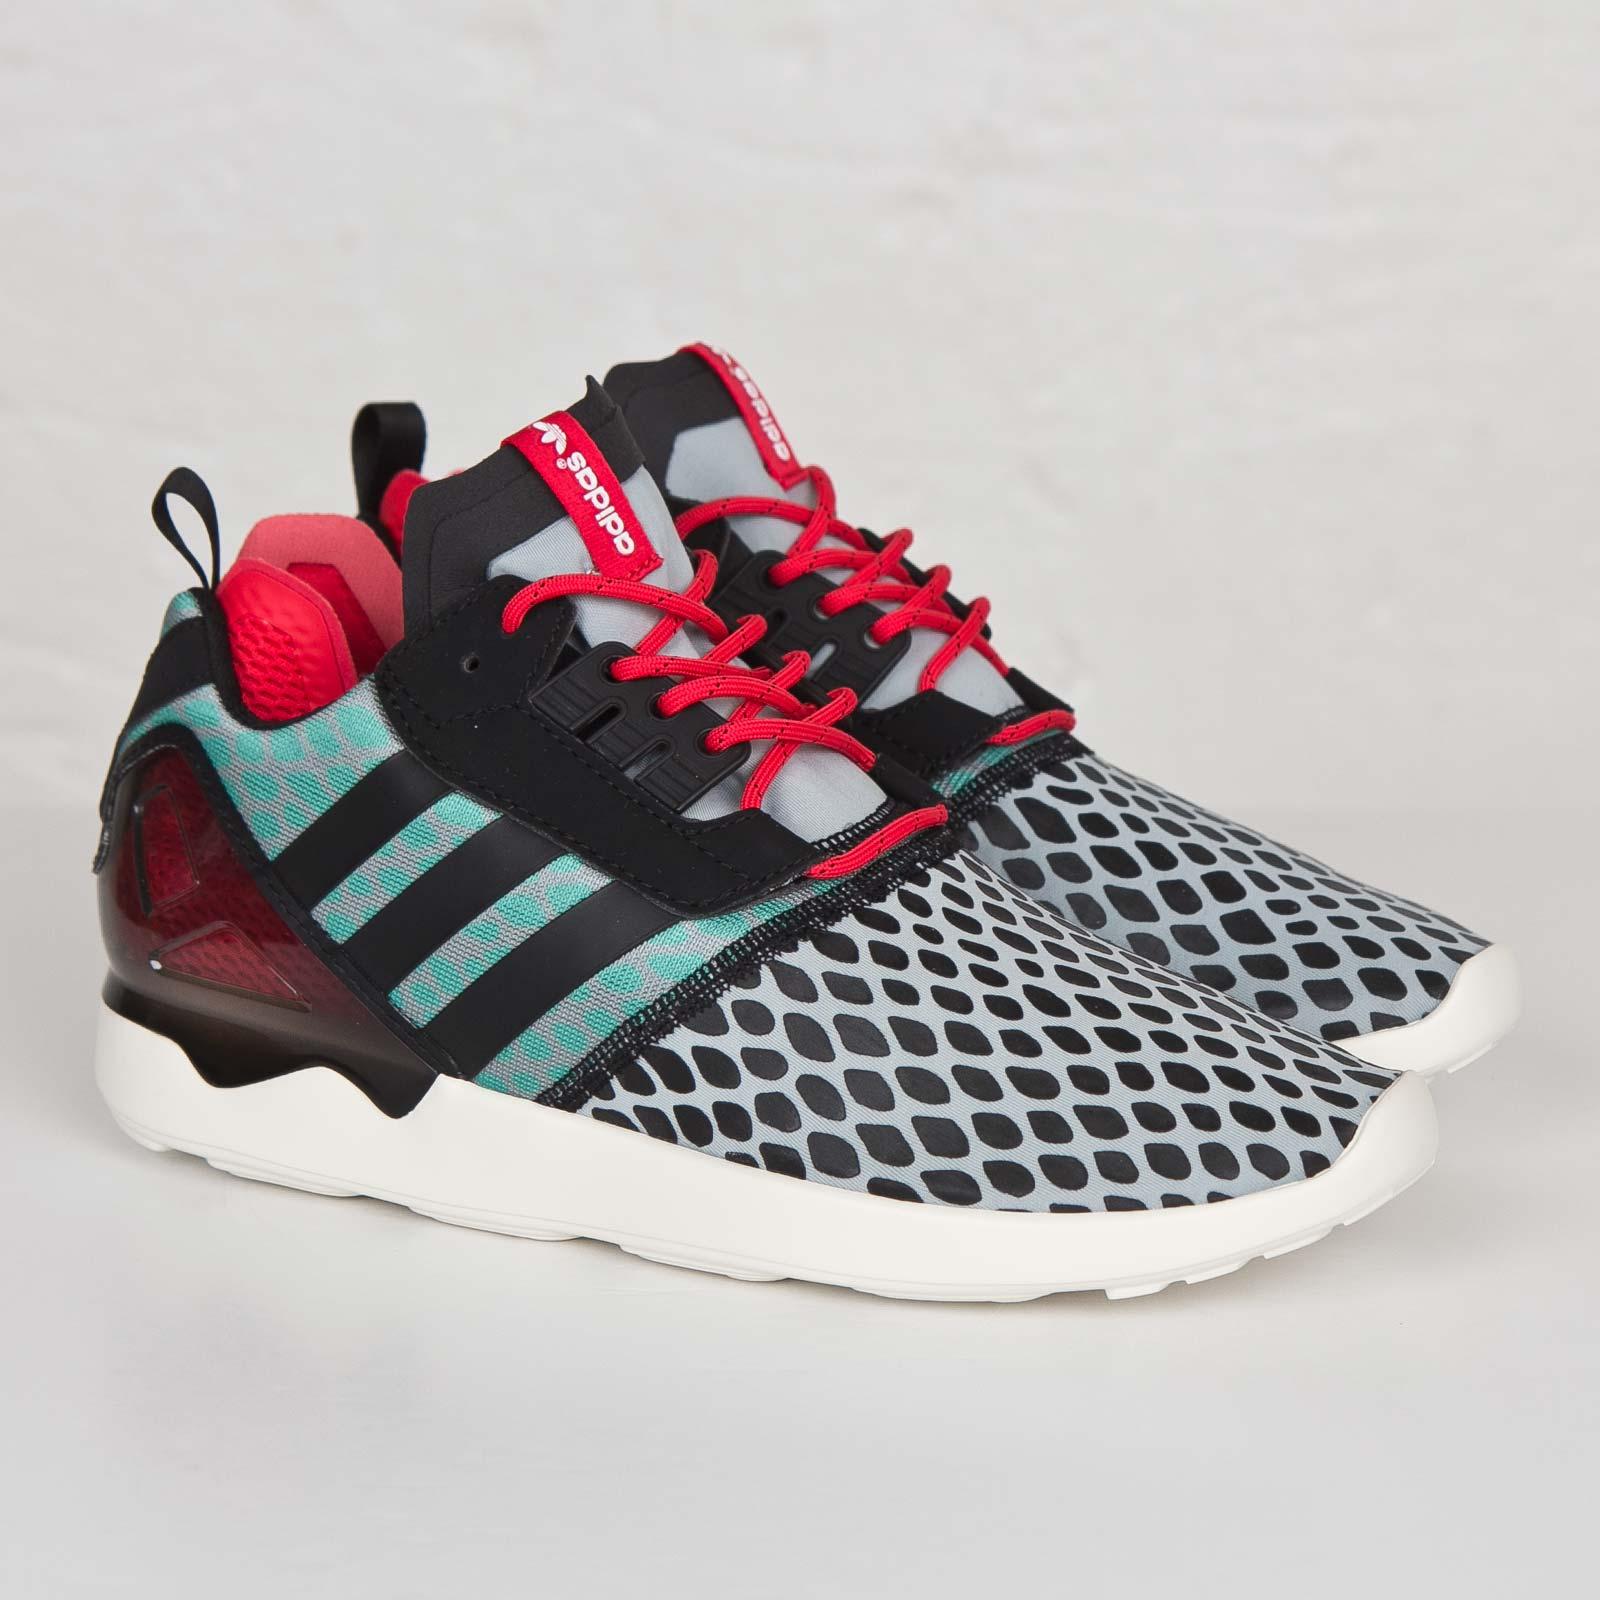 adidas zx 8000 online bestellen